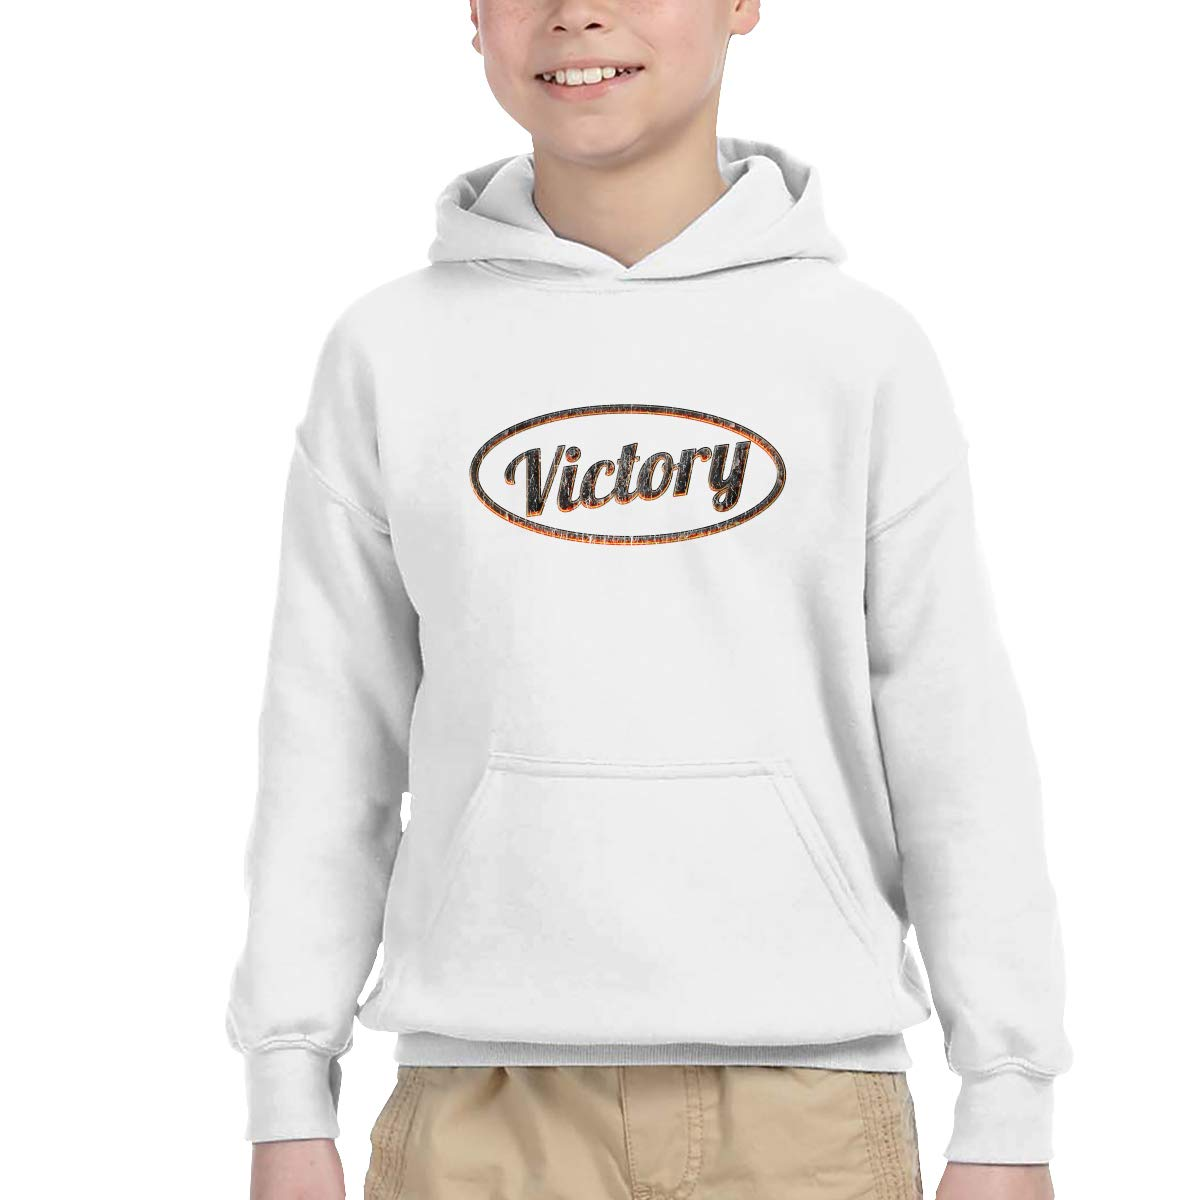 Kids Victory Casual Pullover Long Sleeve Hoodie Sweatshirts Gray